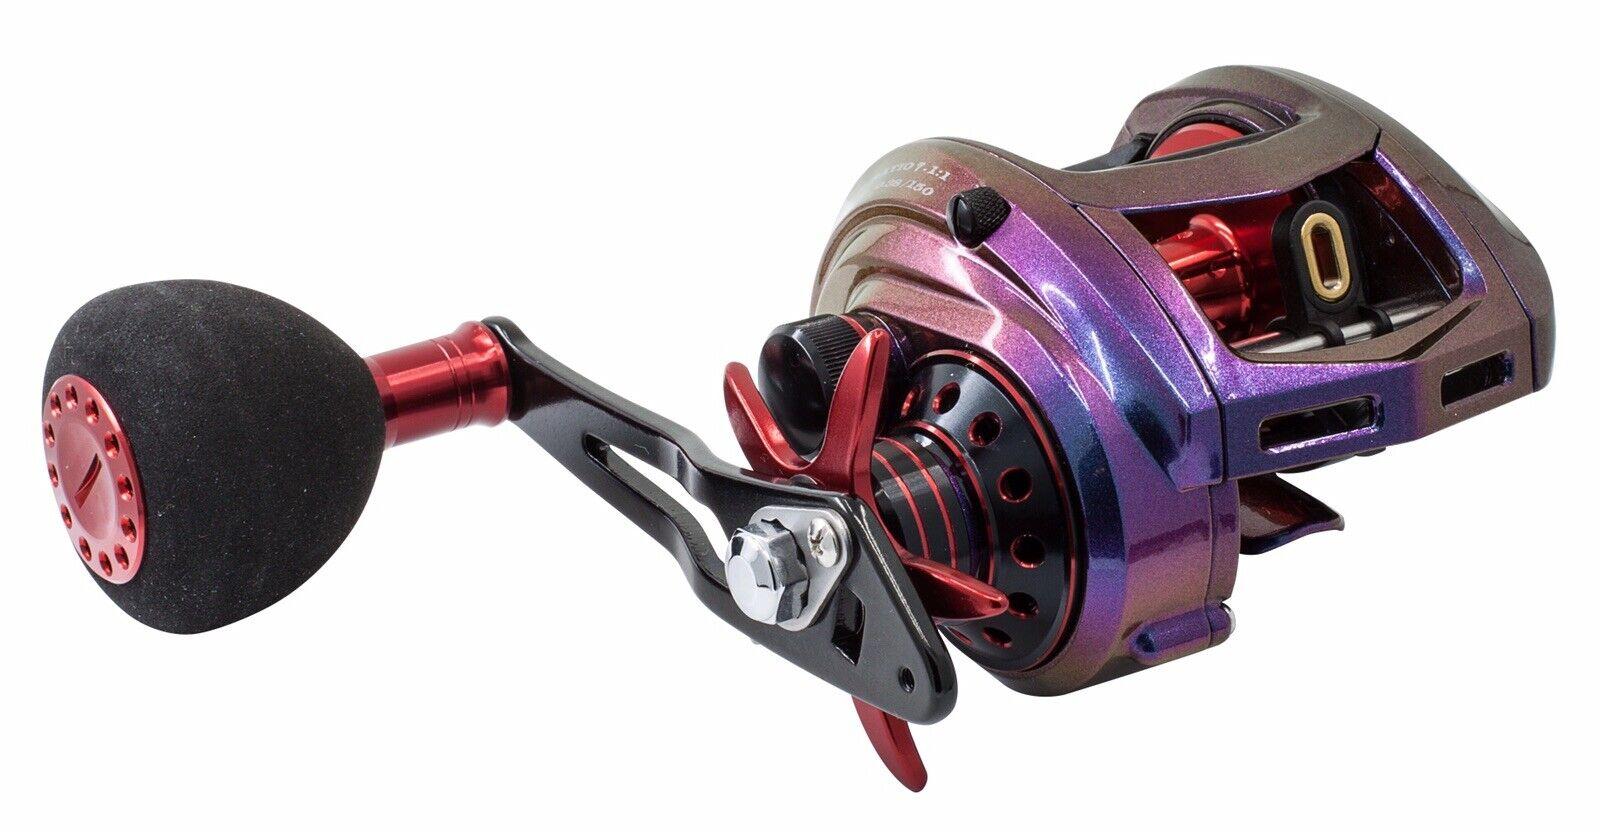 Loki DC1400 Gran Cebo Caster 7 1 .1 Baitcasting Reel de Pesca Mano Izquierda Big Juego